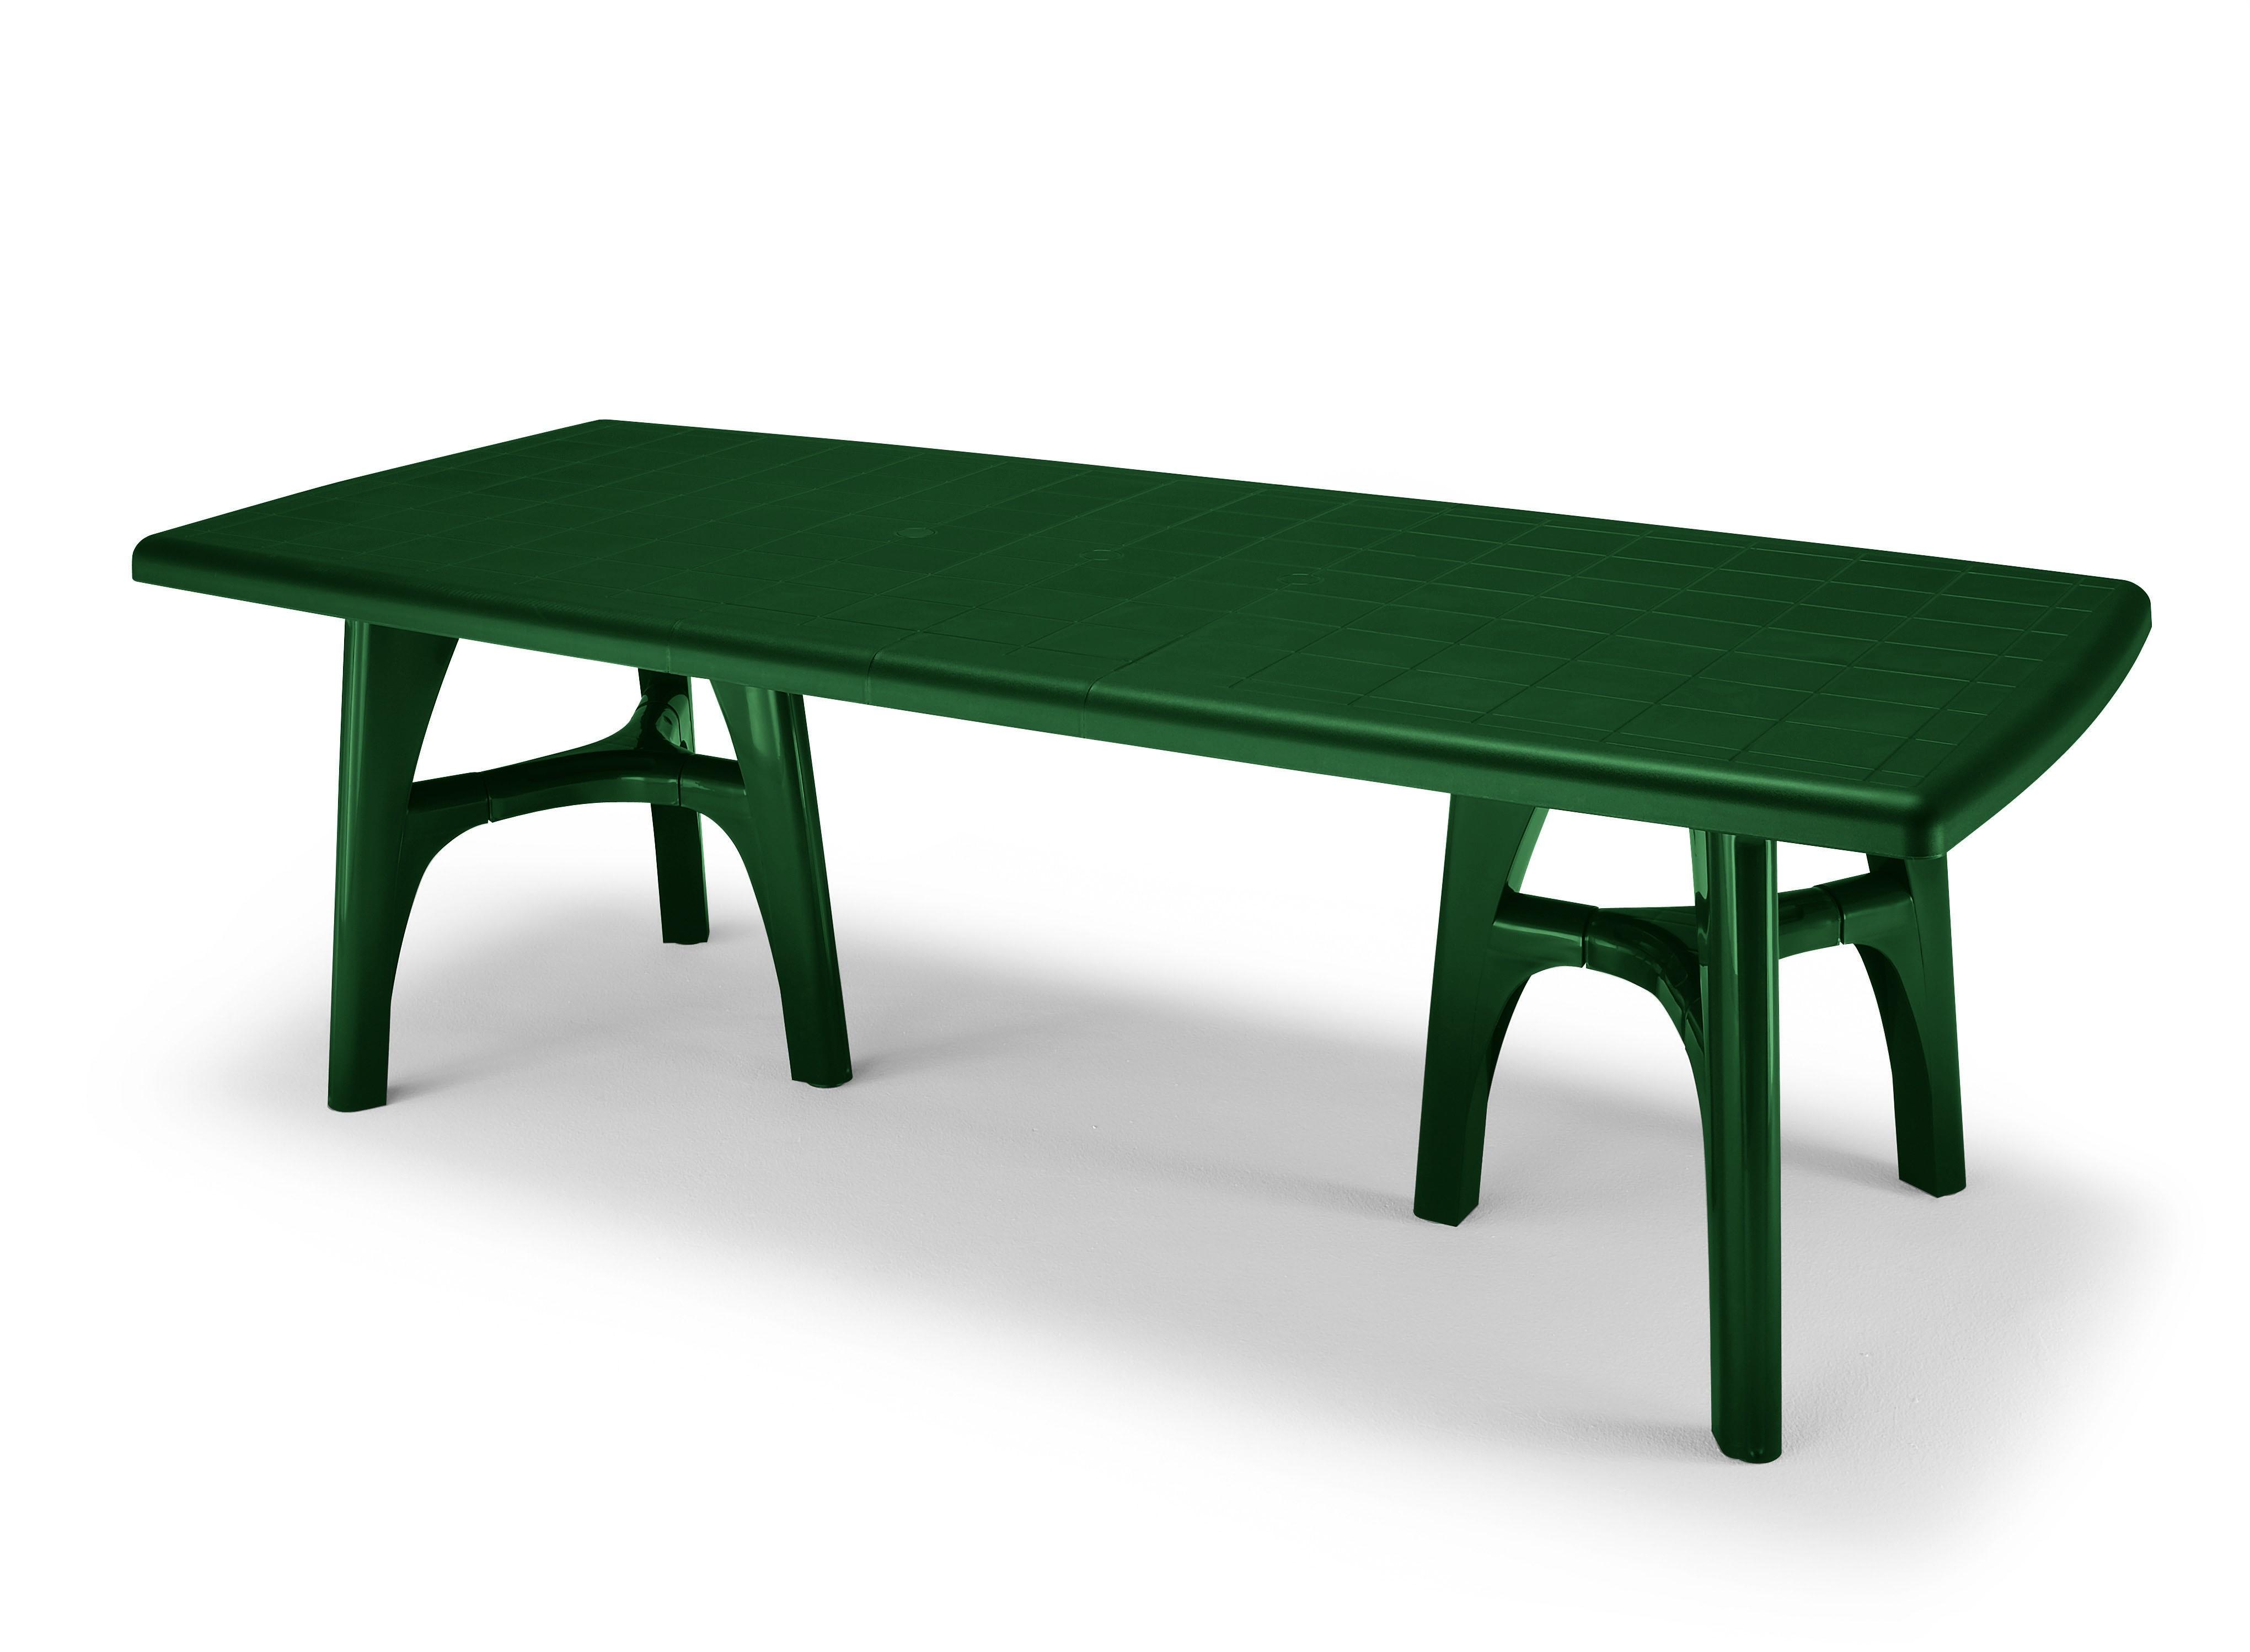 Tavolo Da Giardino Verde.Tavolo Tris Allungabile Colore Verde Bosco Lamacchia Mobili